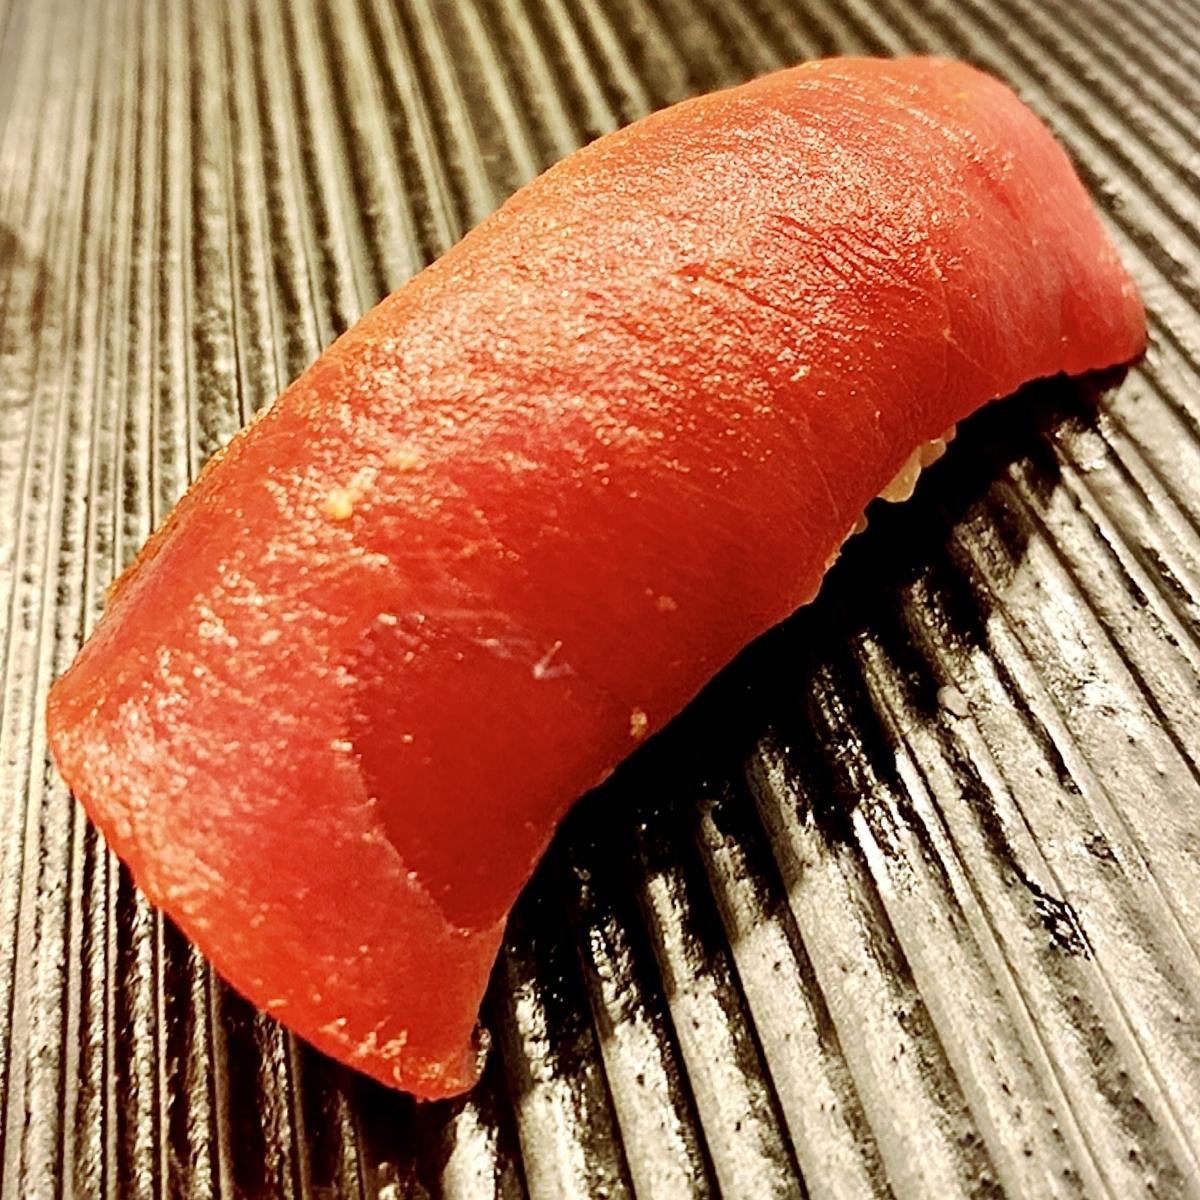 【麻布十番】デートにおすすめ!東京タワーをバックに美味しいお寿司を堪能できるお店